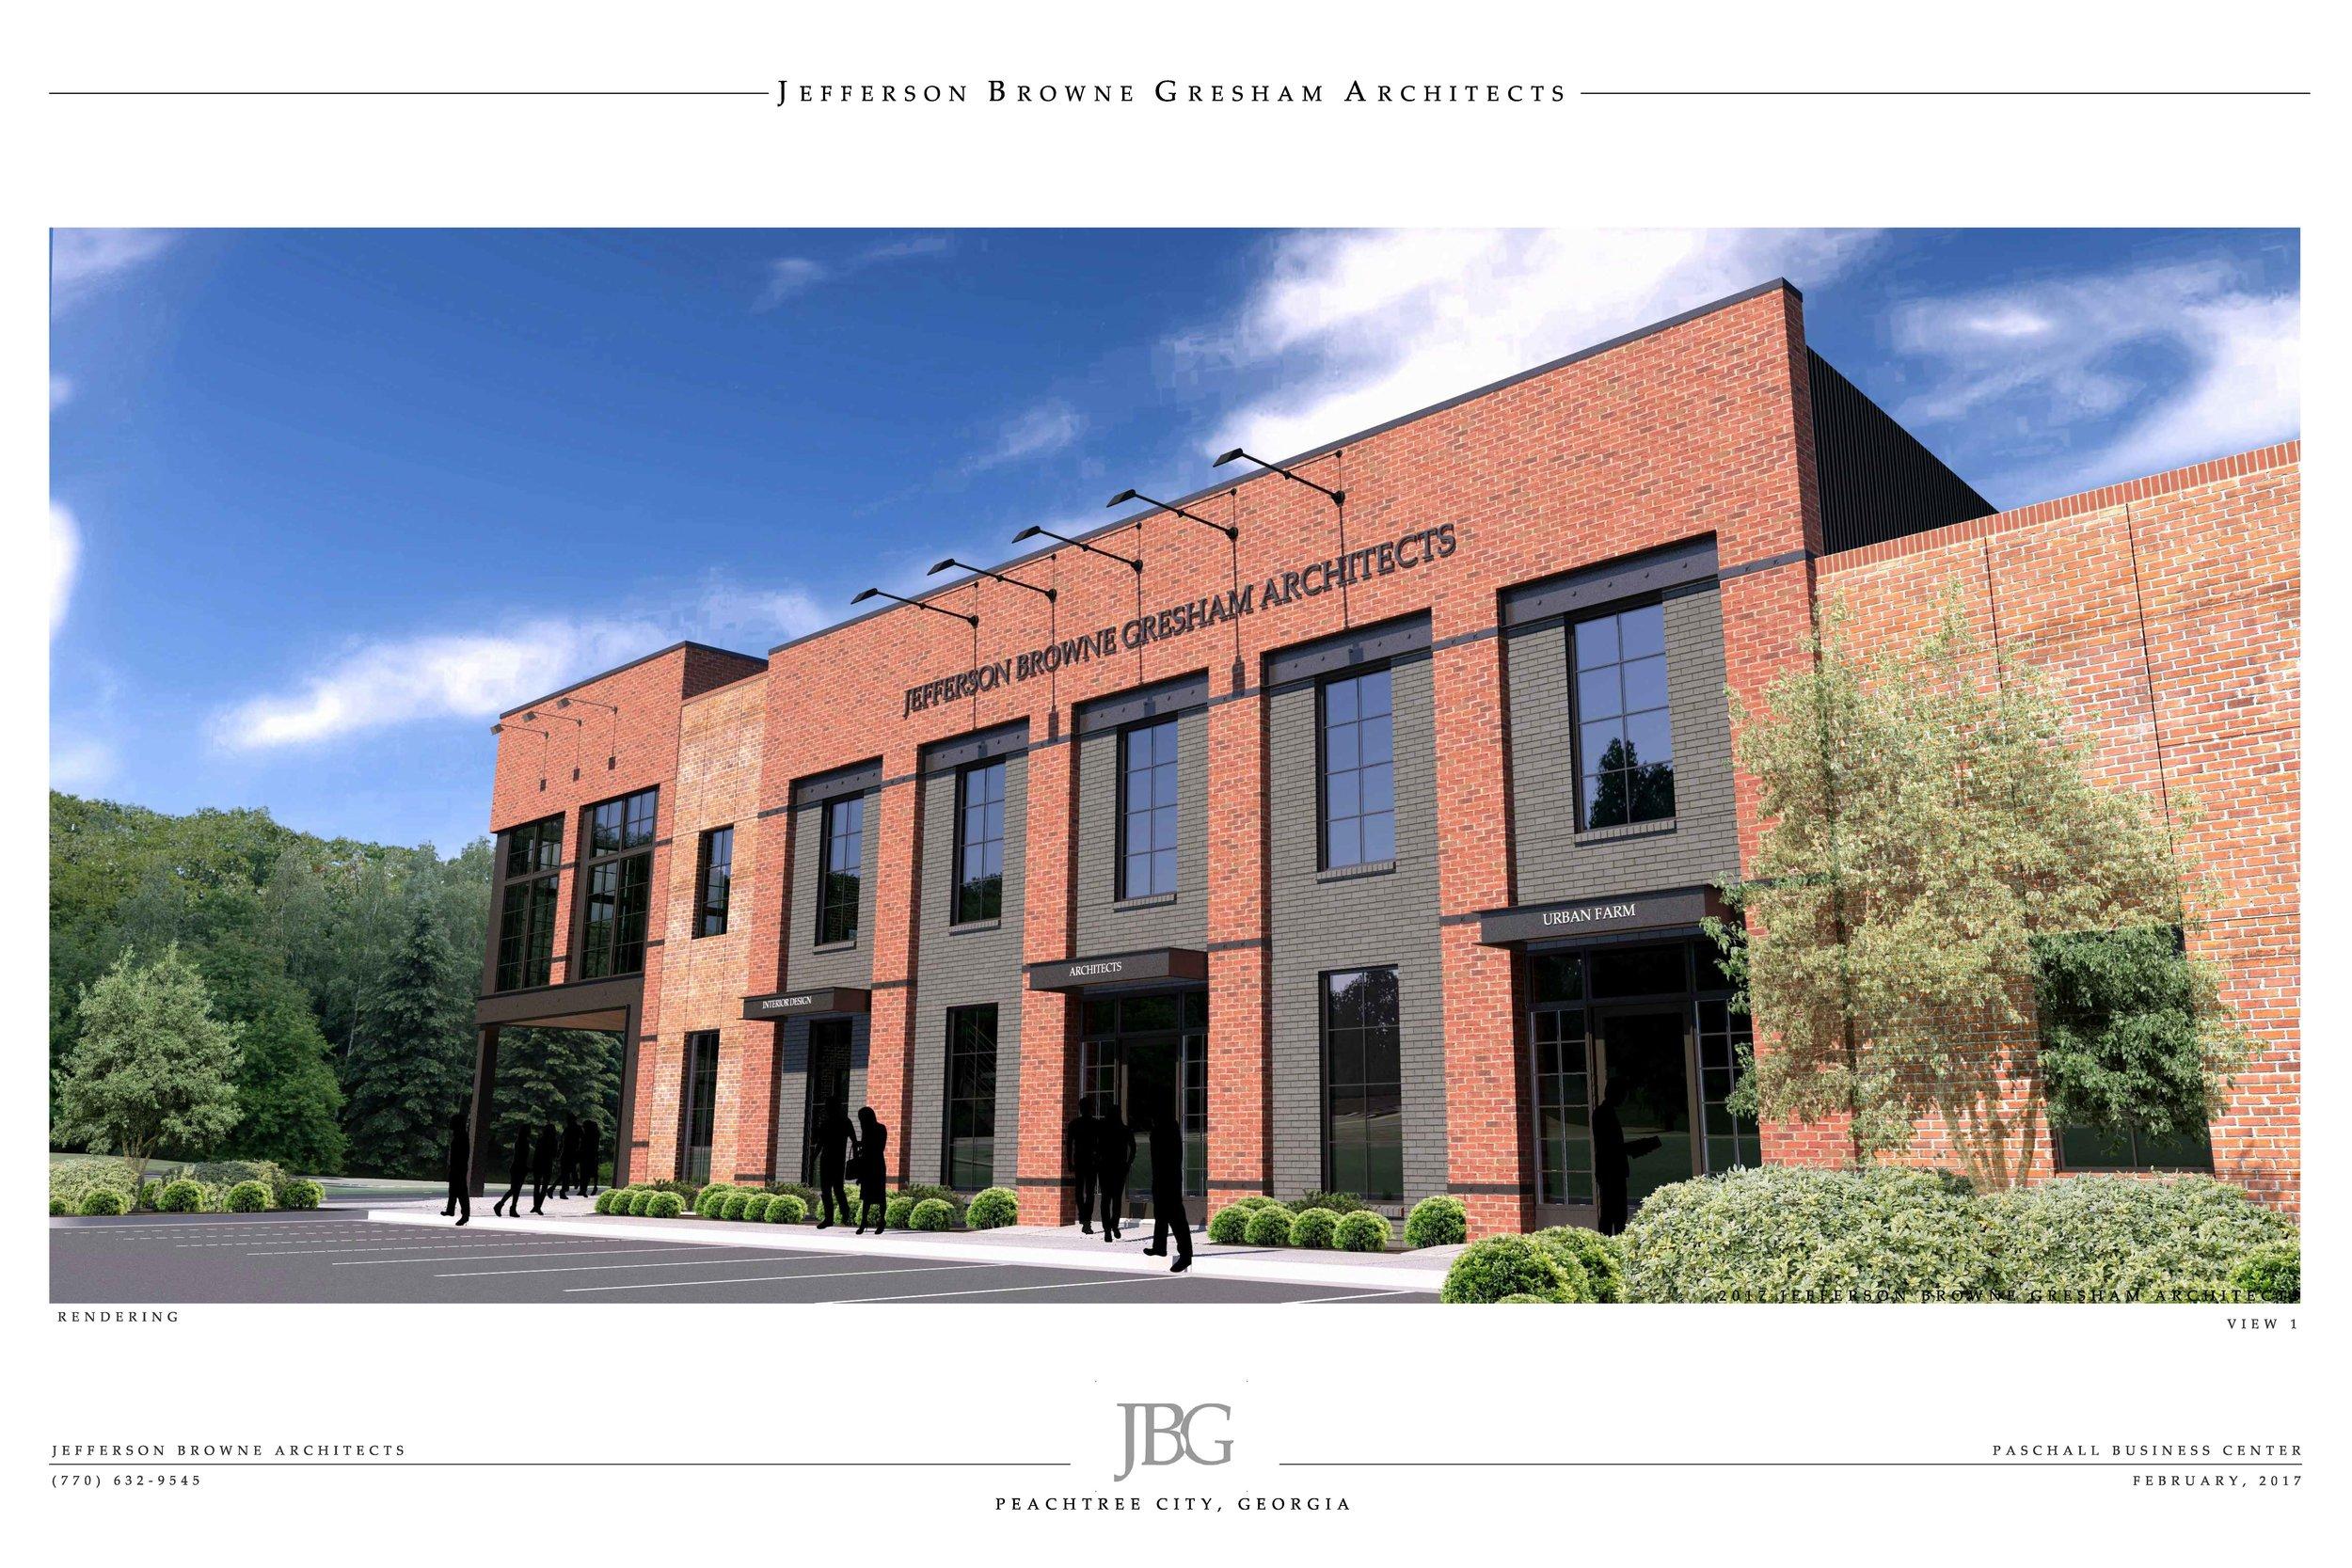 Jefferson Browne Gresham Architects border.jpg